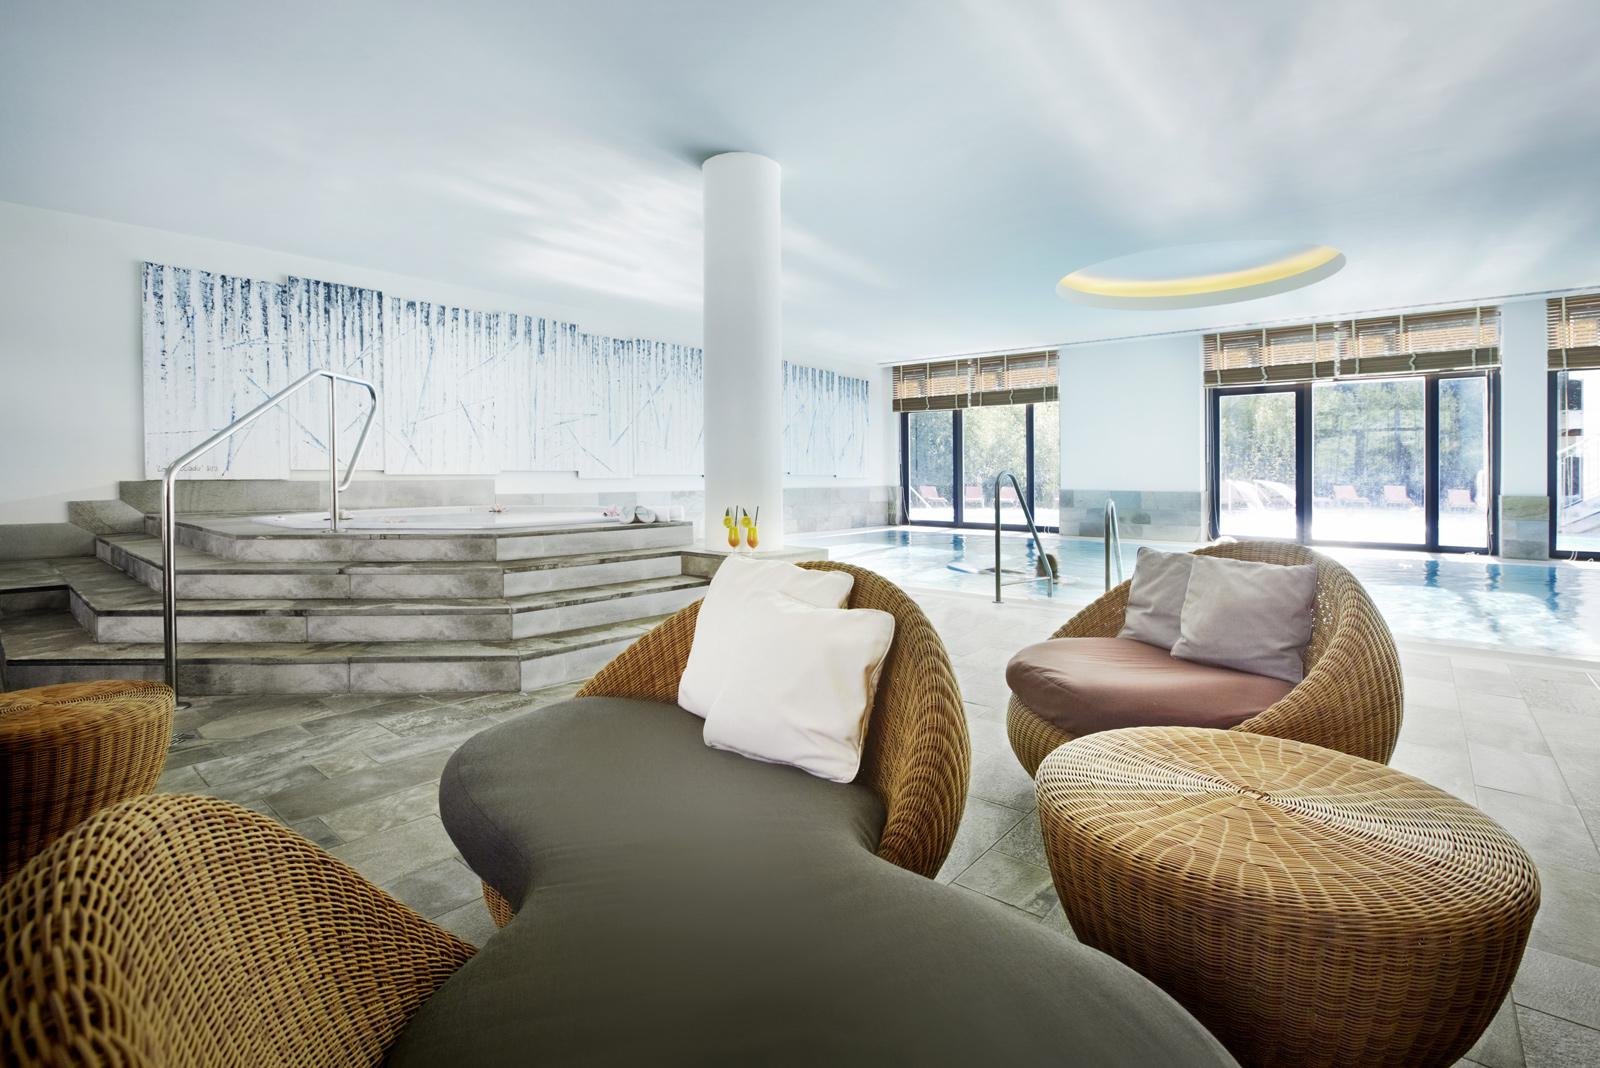 Der 3.500 qm große Wellnessbereich sorgt für Erholung vom Alltag / Quelle: Wellness-Resort in Bad Saarow; beauty24 GmbH